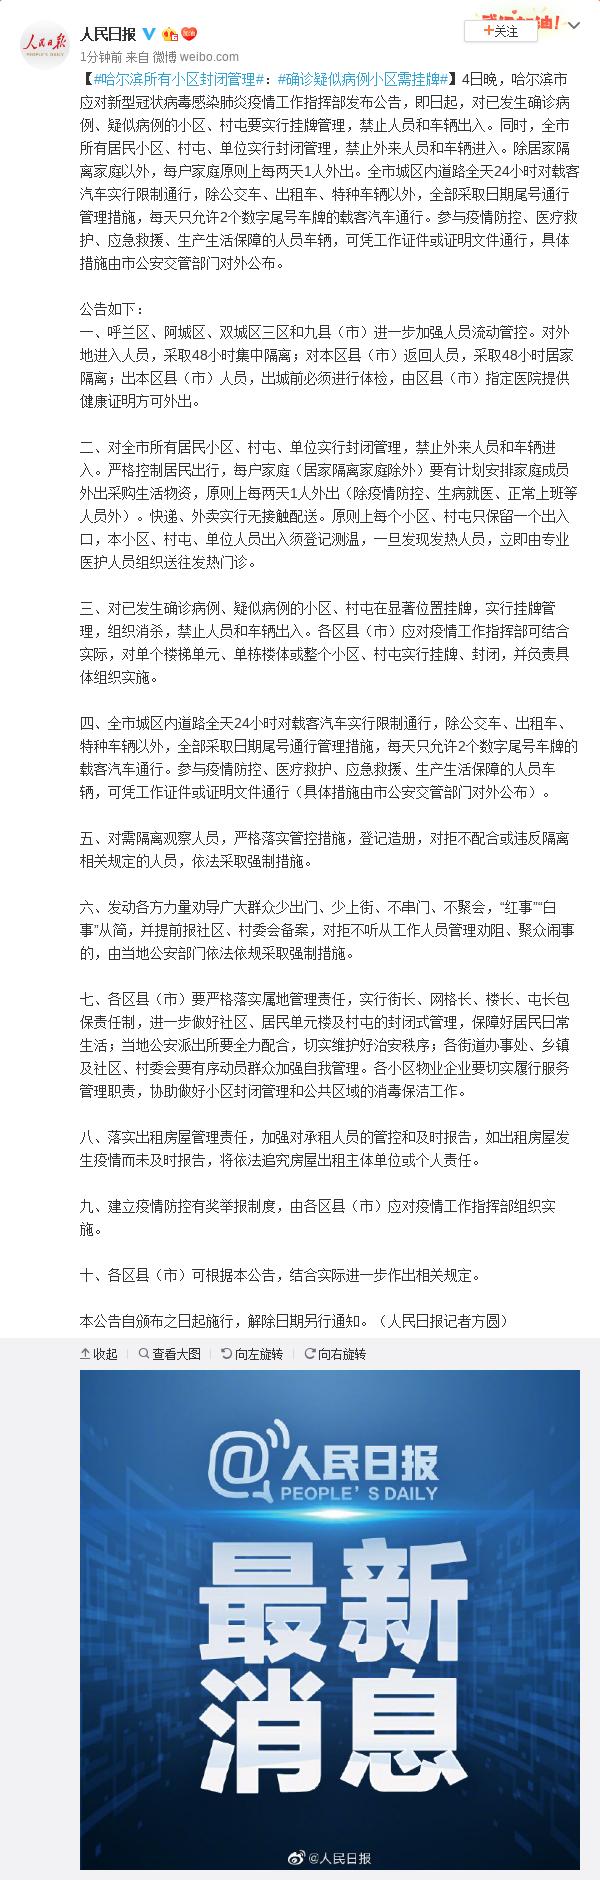 哈尔滨所有小区封闭管理:确诊疑似病例小区需挂牌图片